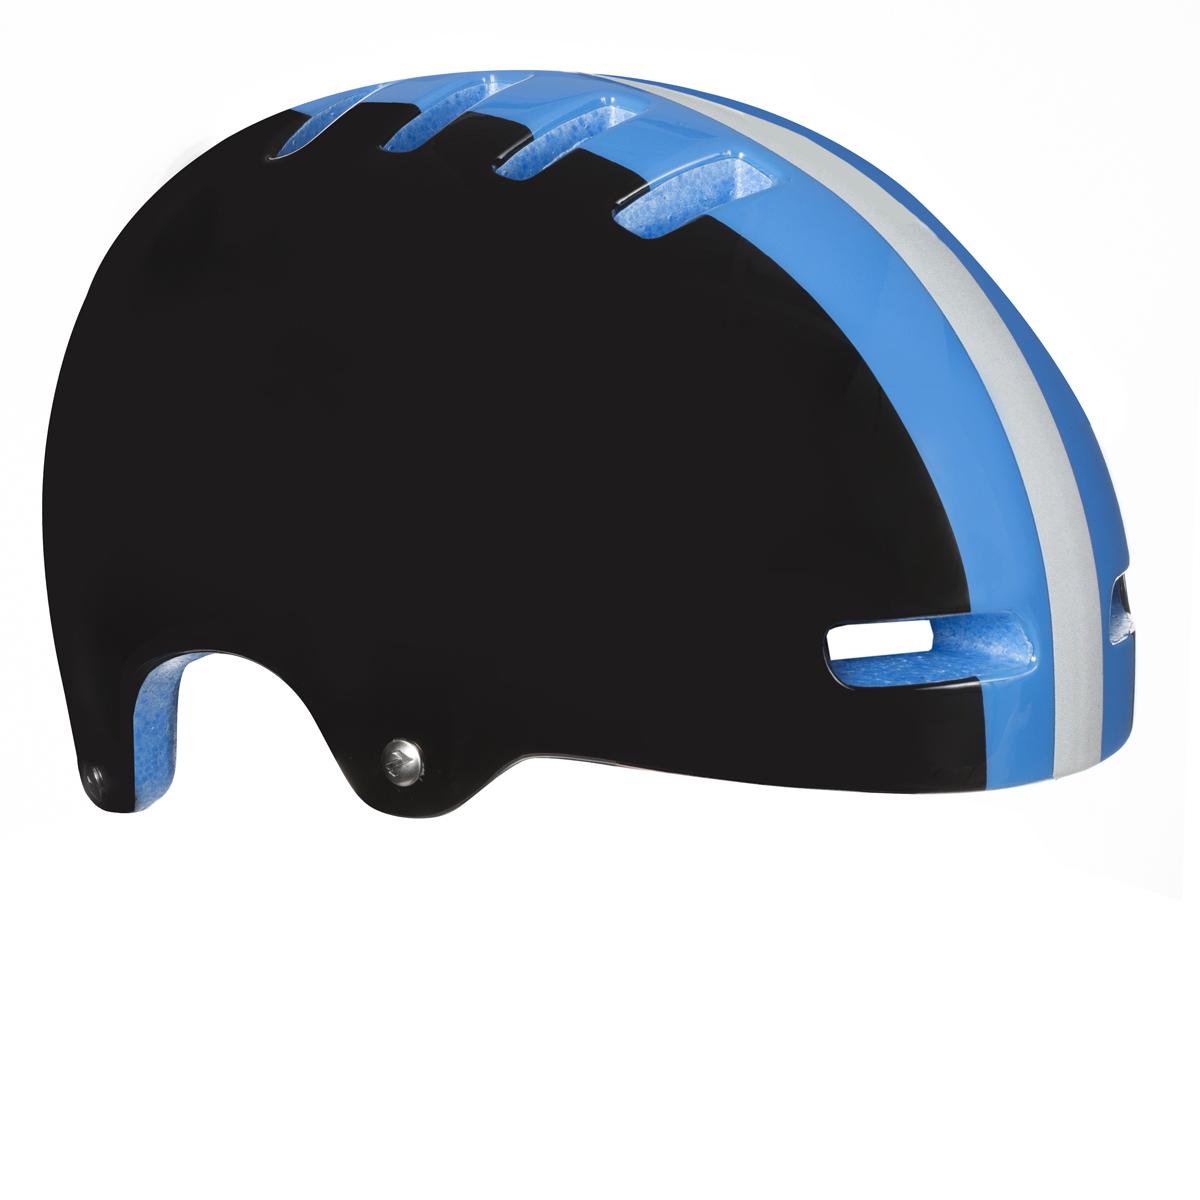 LAZER přilba  ARMOR černá s modrým pruhem M 55-59 cm